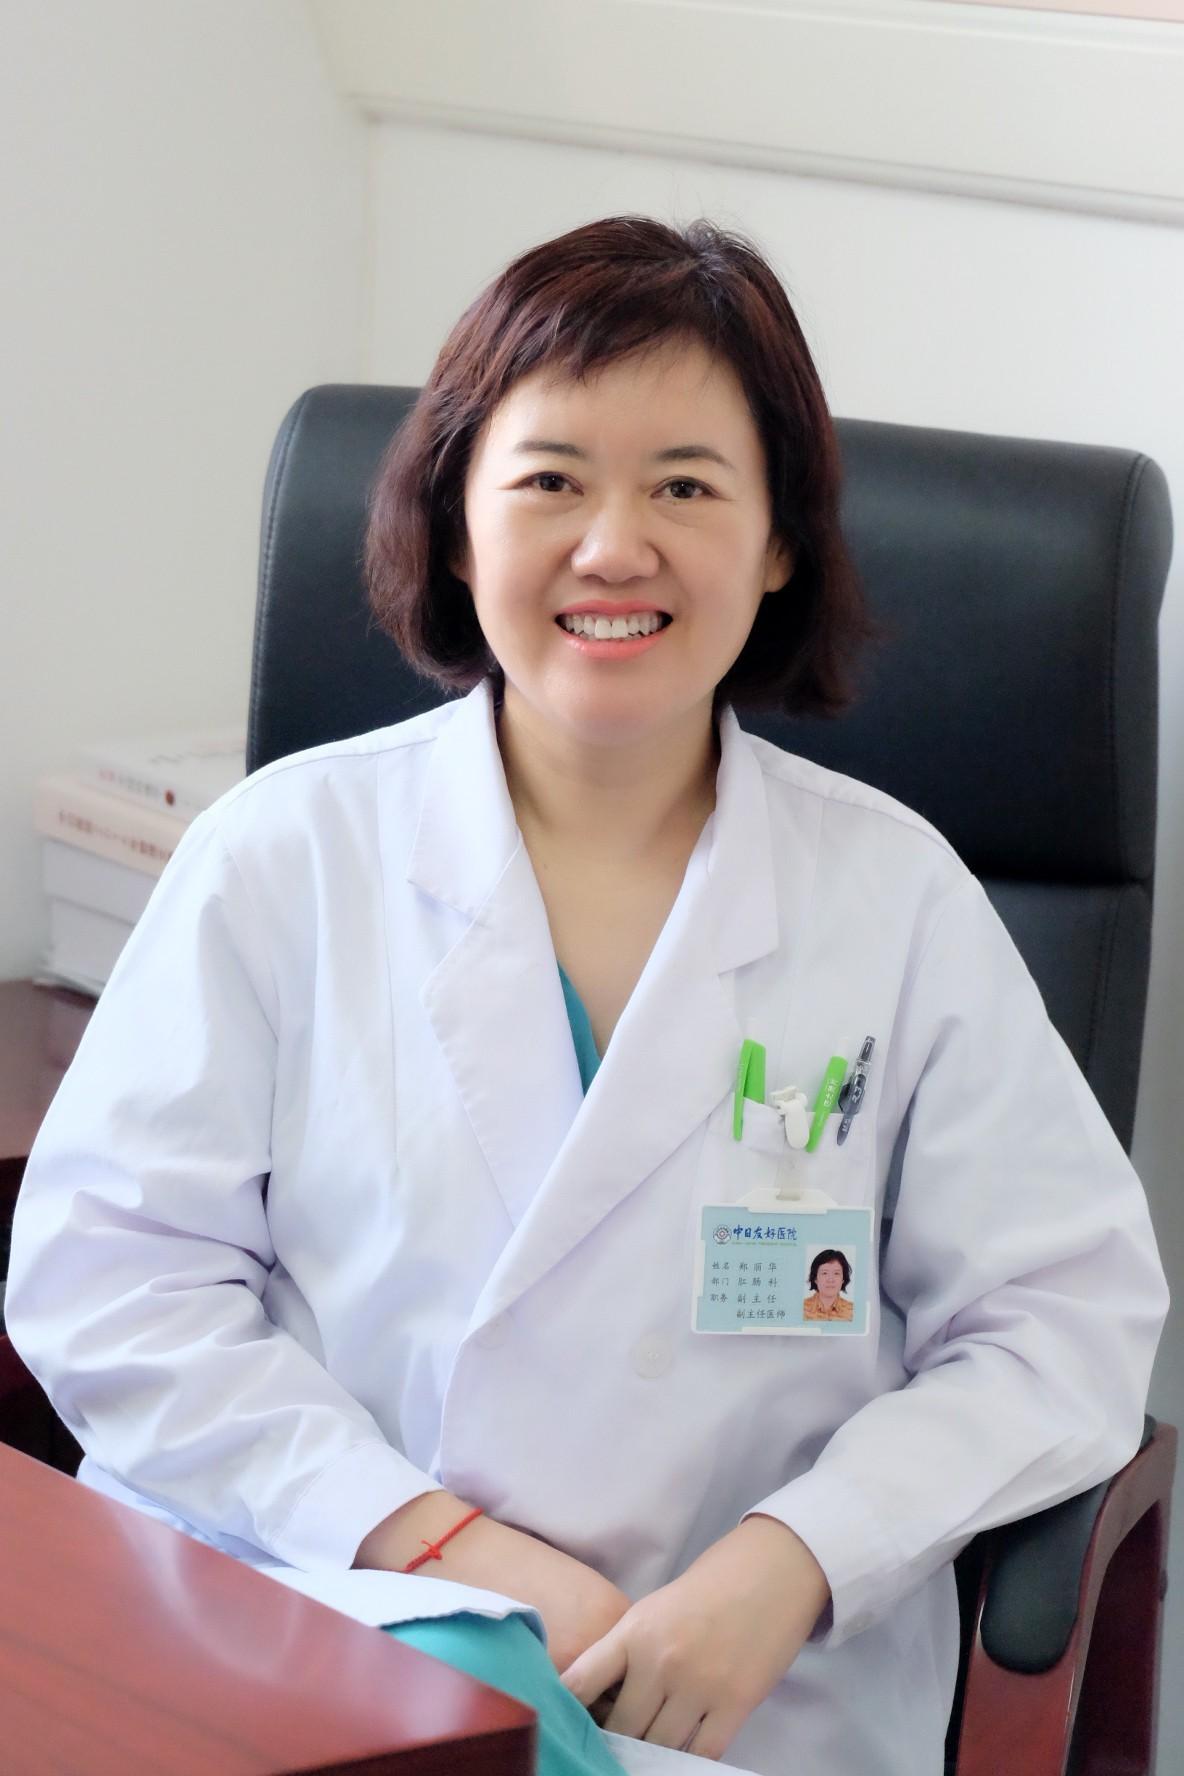 委�9._兼任中国医师协会肛肠专业委员会委员.